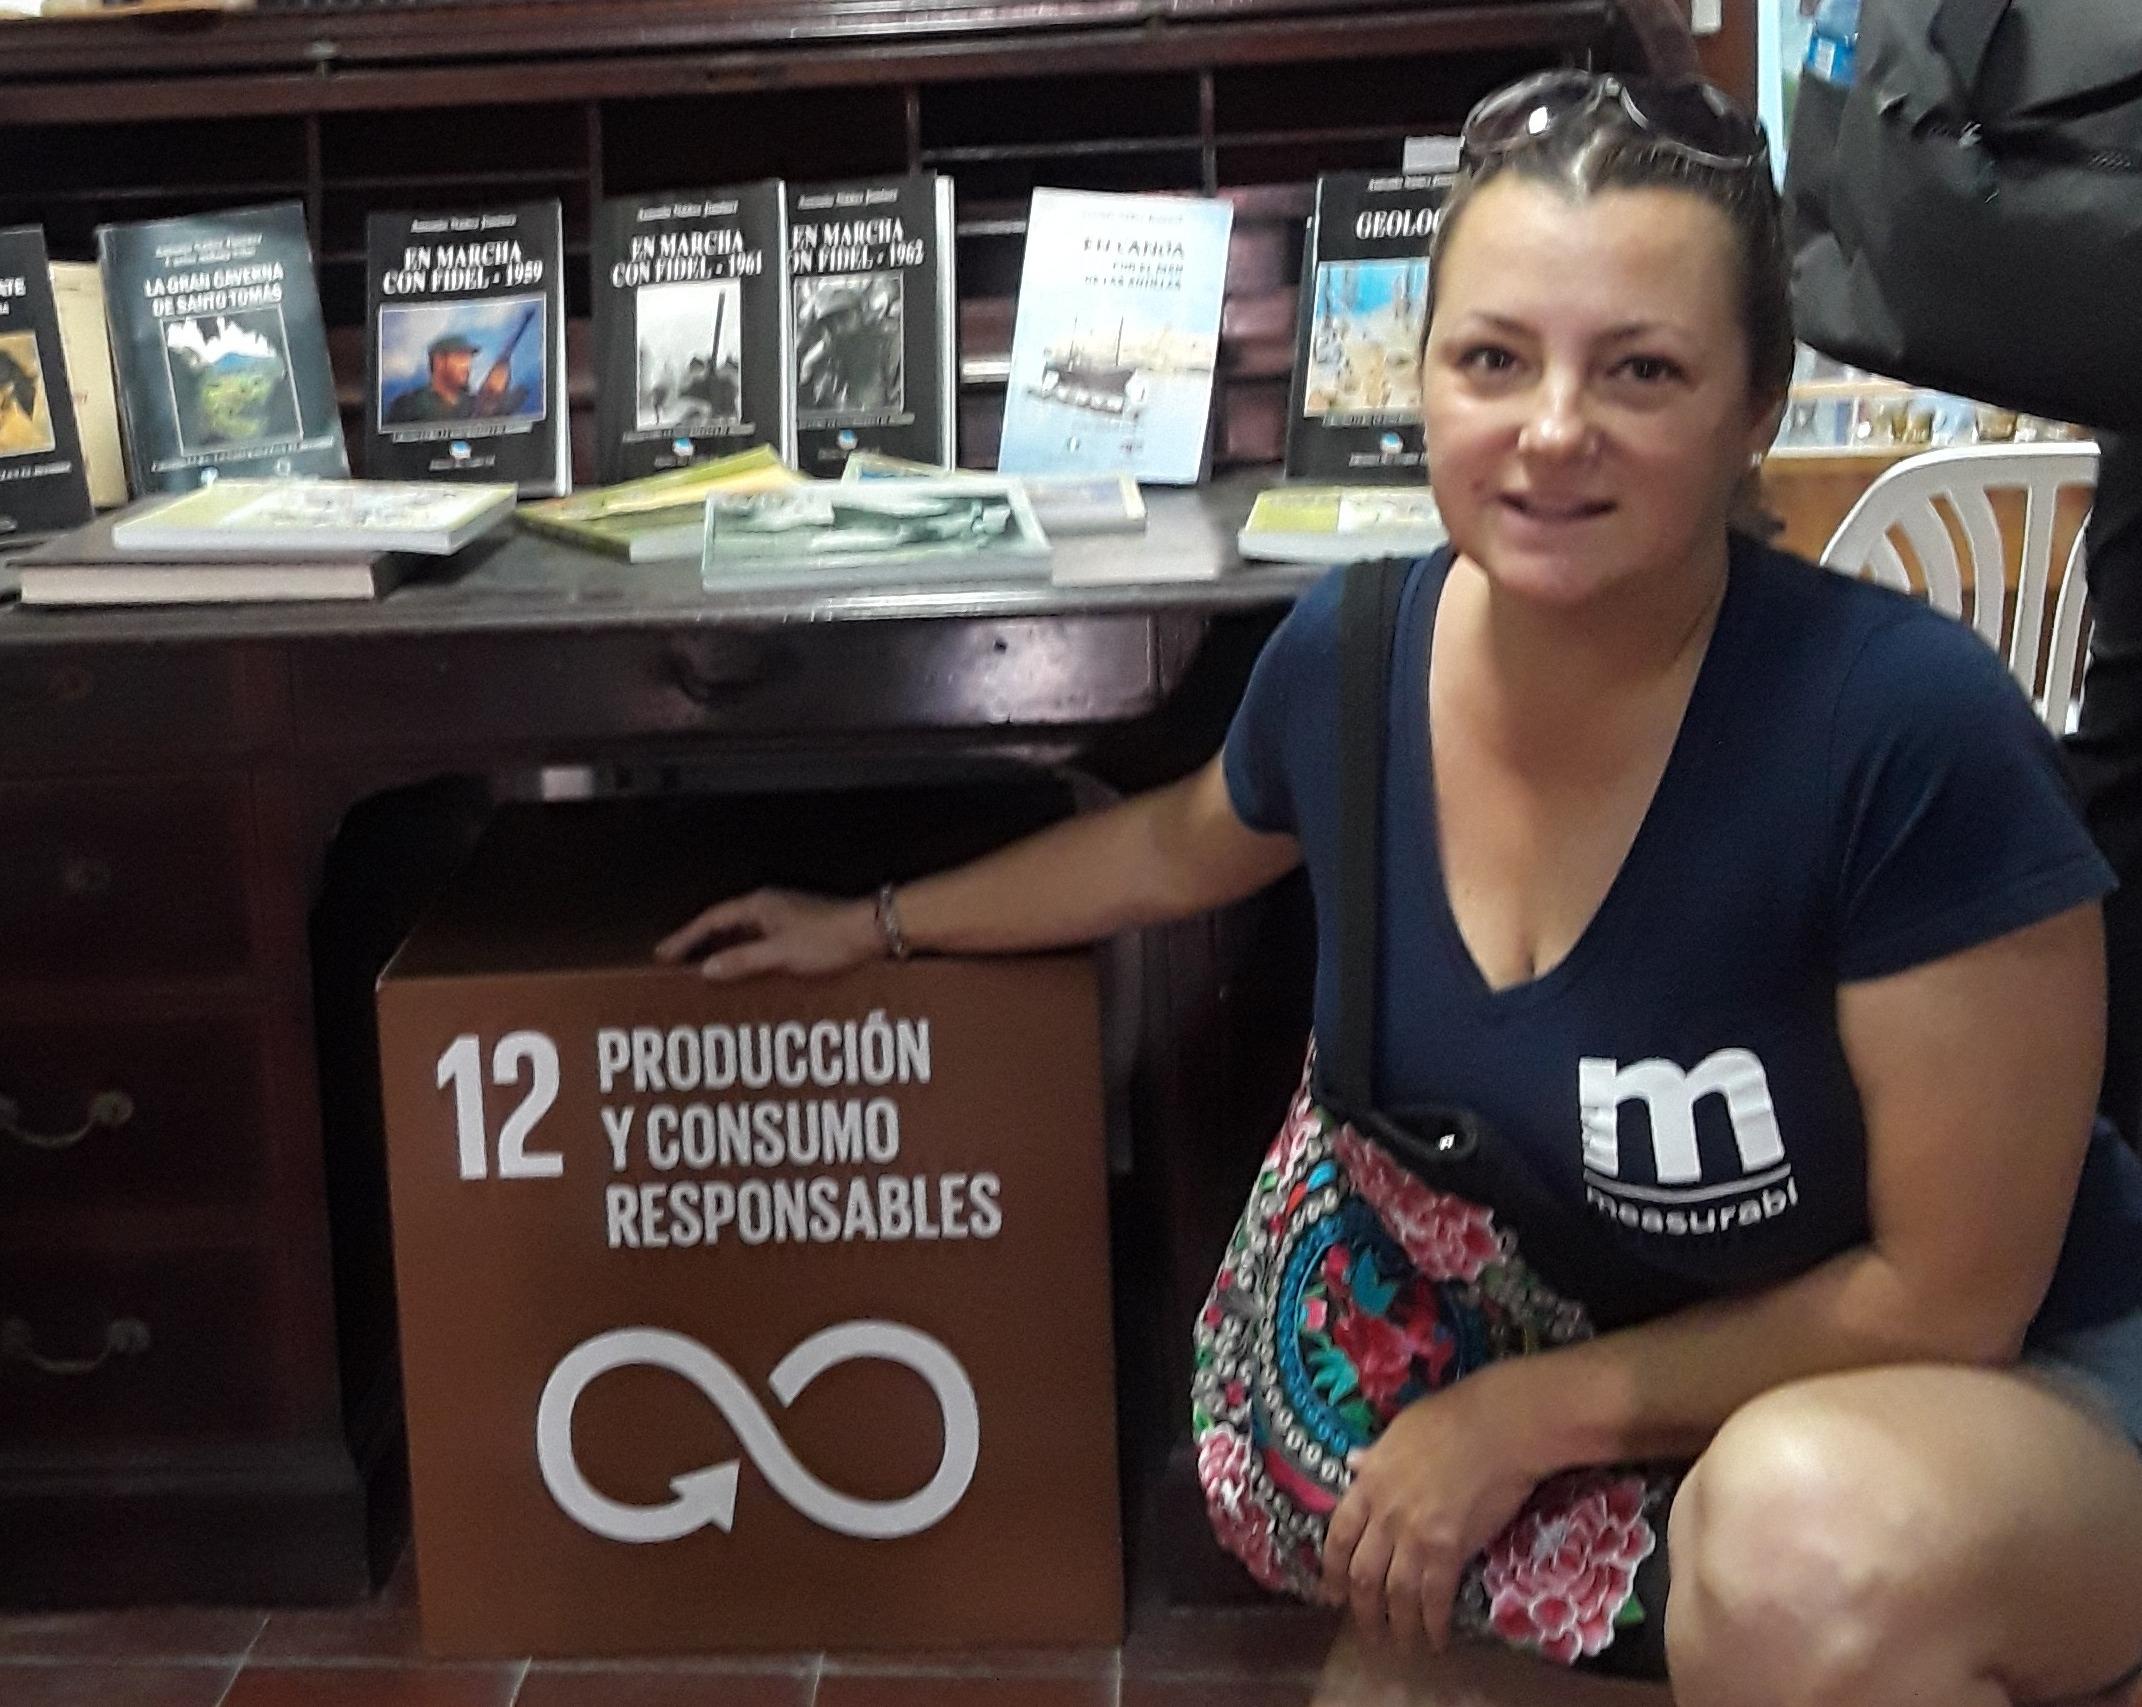 Nancy on a diplomacy trip in Cuba